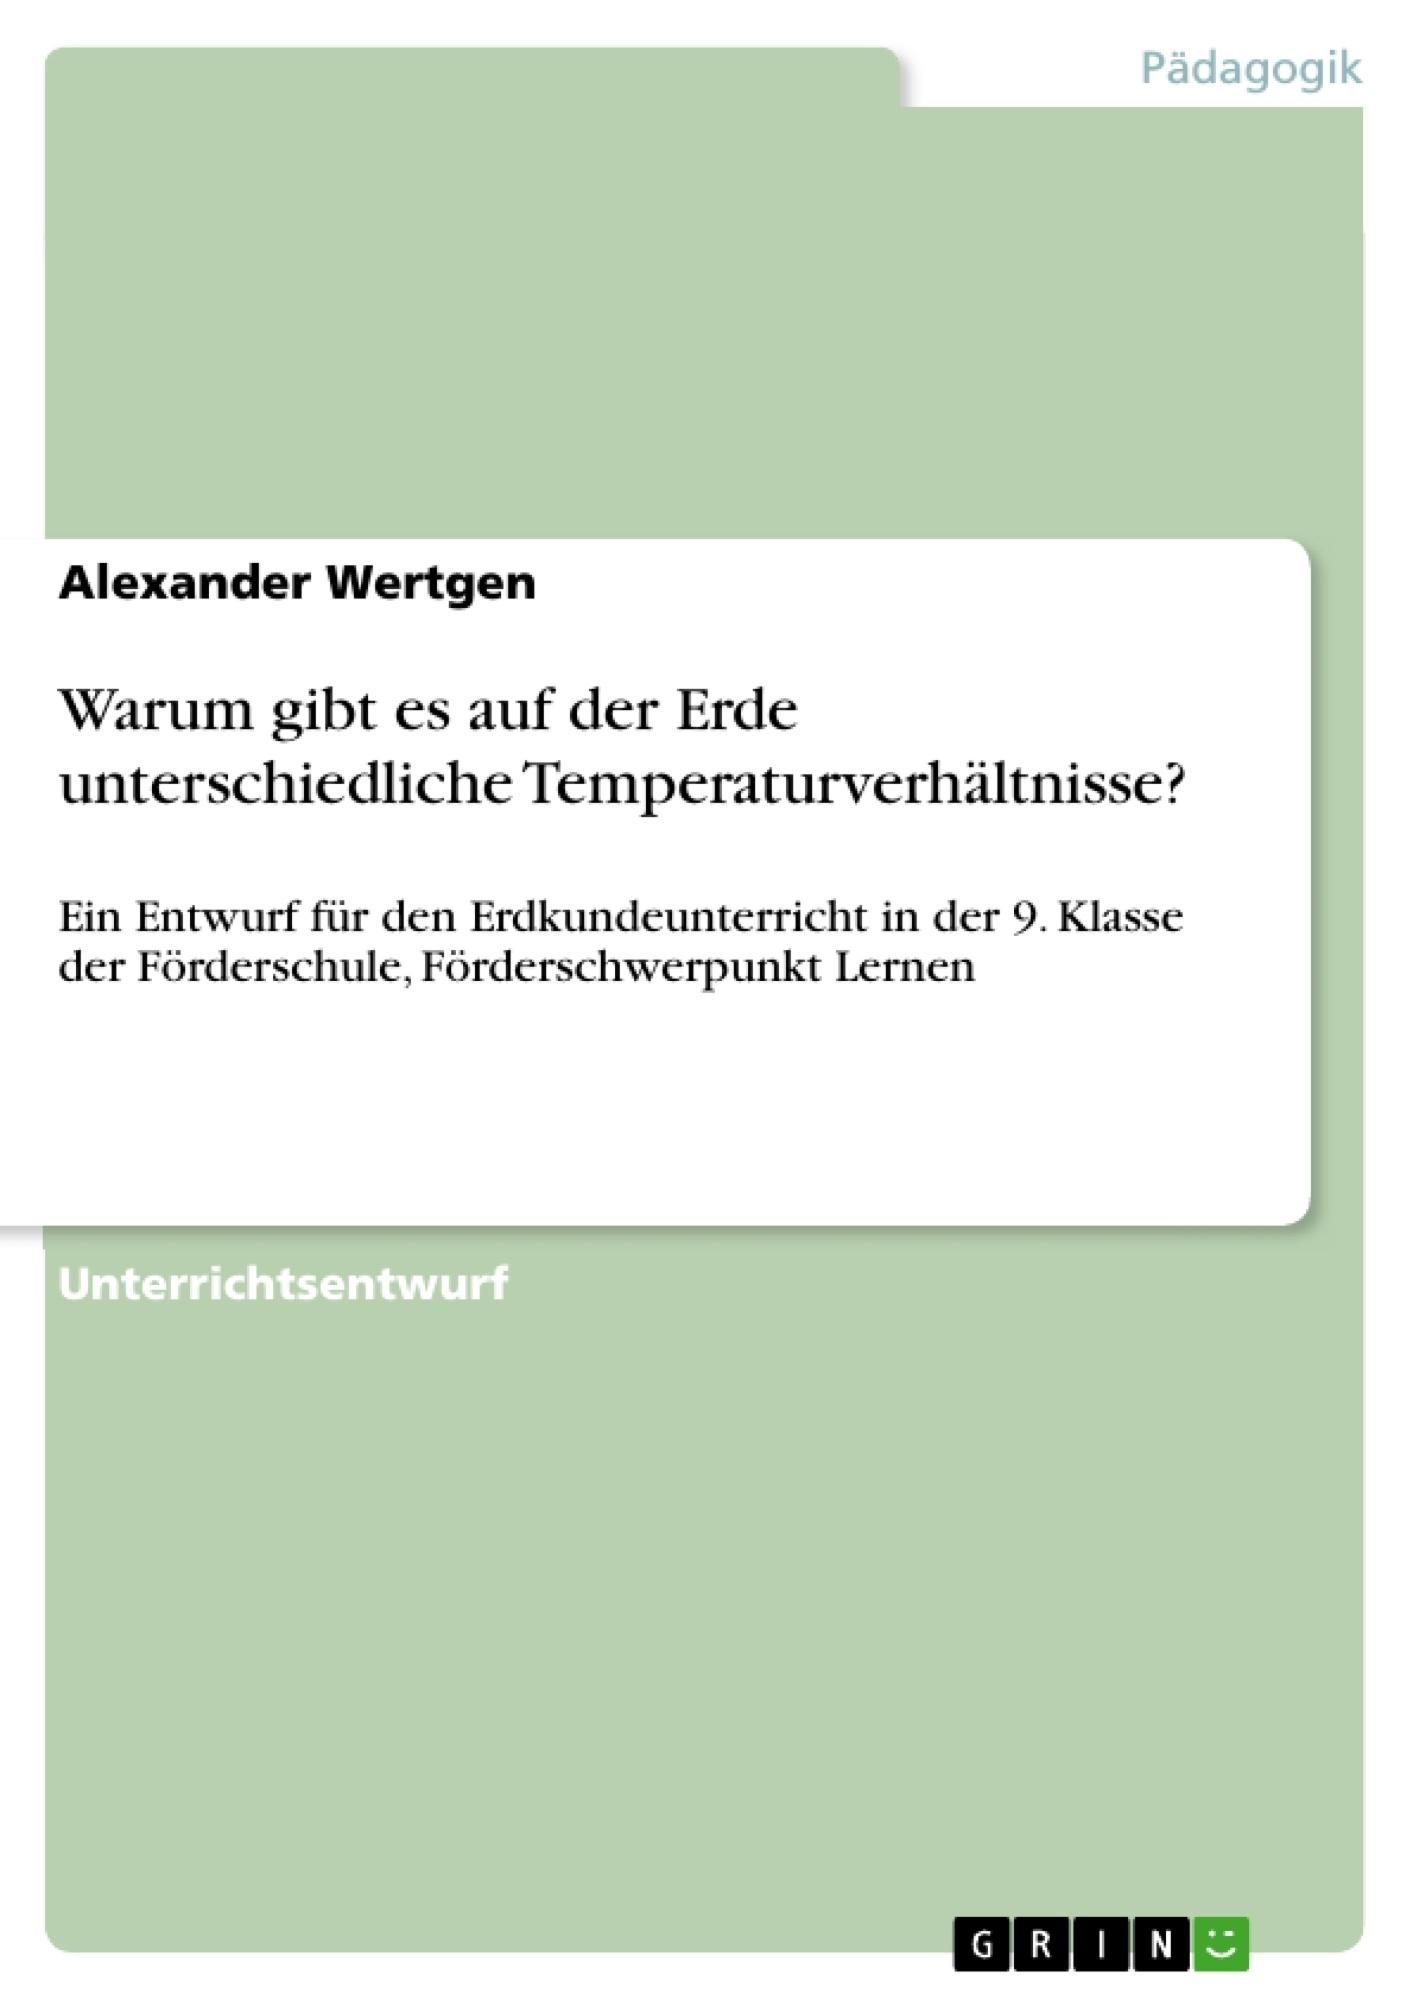 Titel: Warum gibt es auf der Erde unterschiedliche Temperaturverhältnisse?